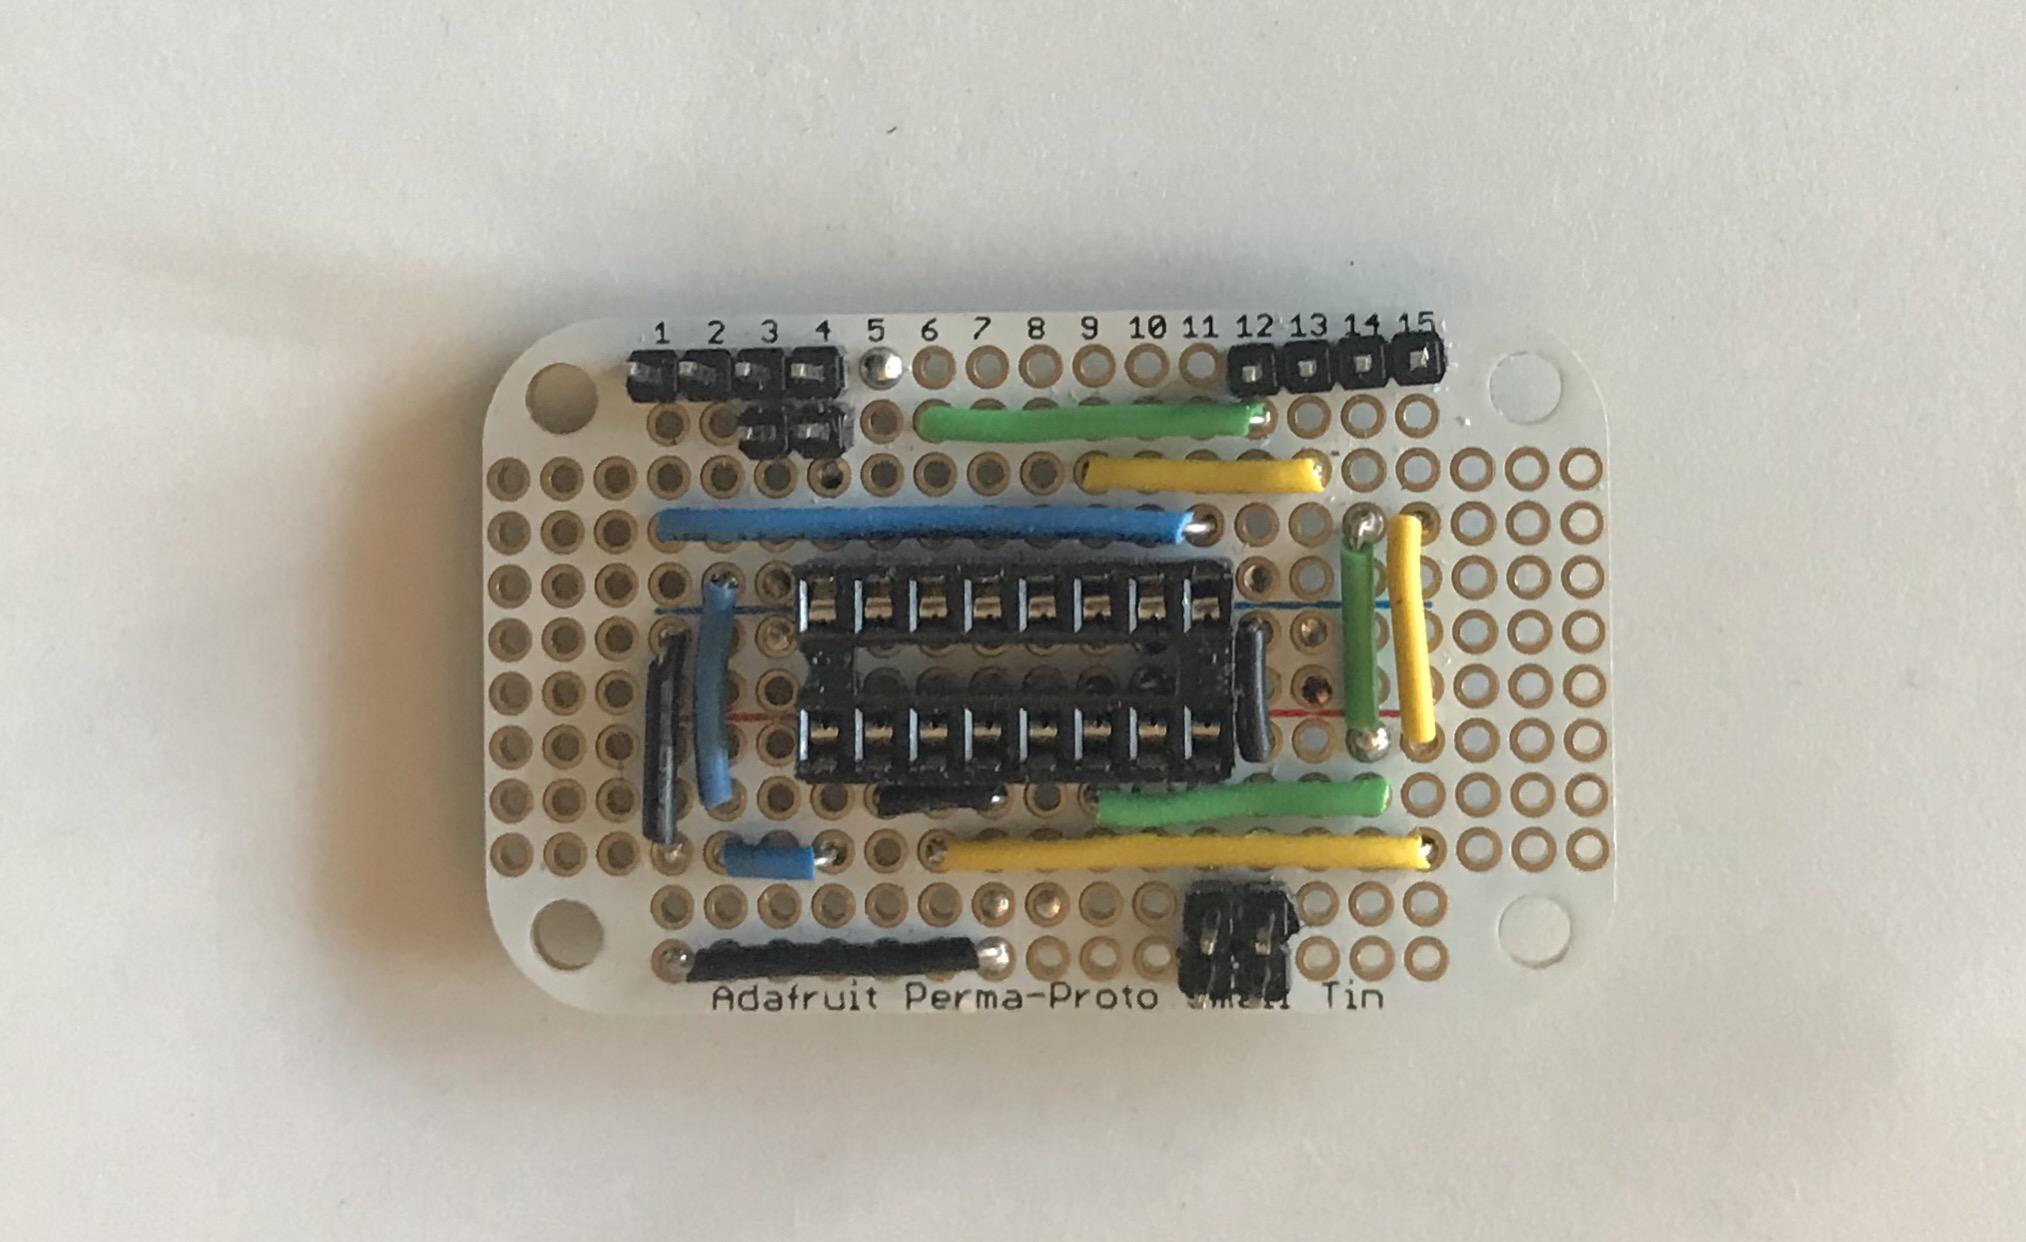 components_CC1DADA1-6AFE-46E4-8645-B76B53082958.jpeg